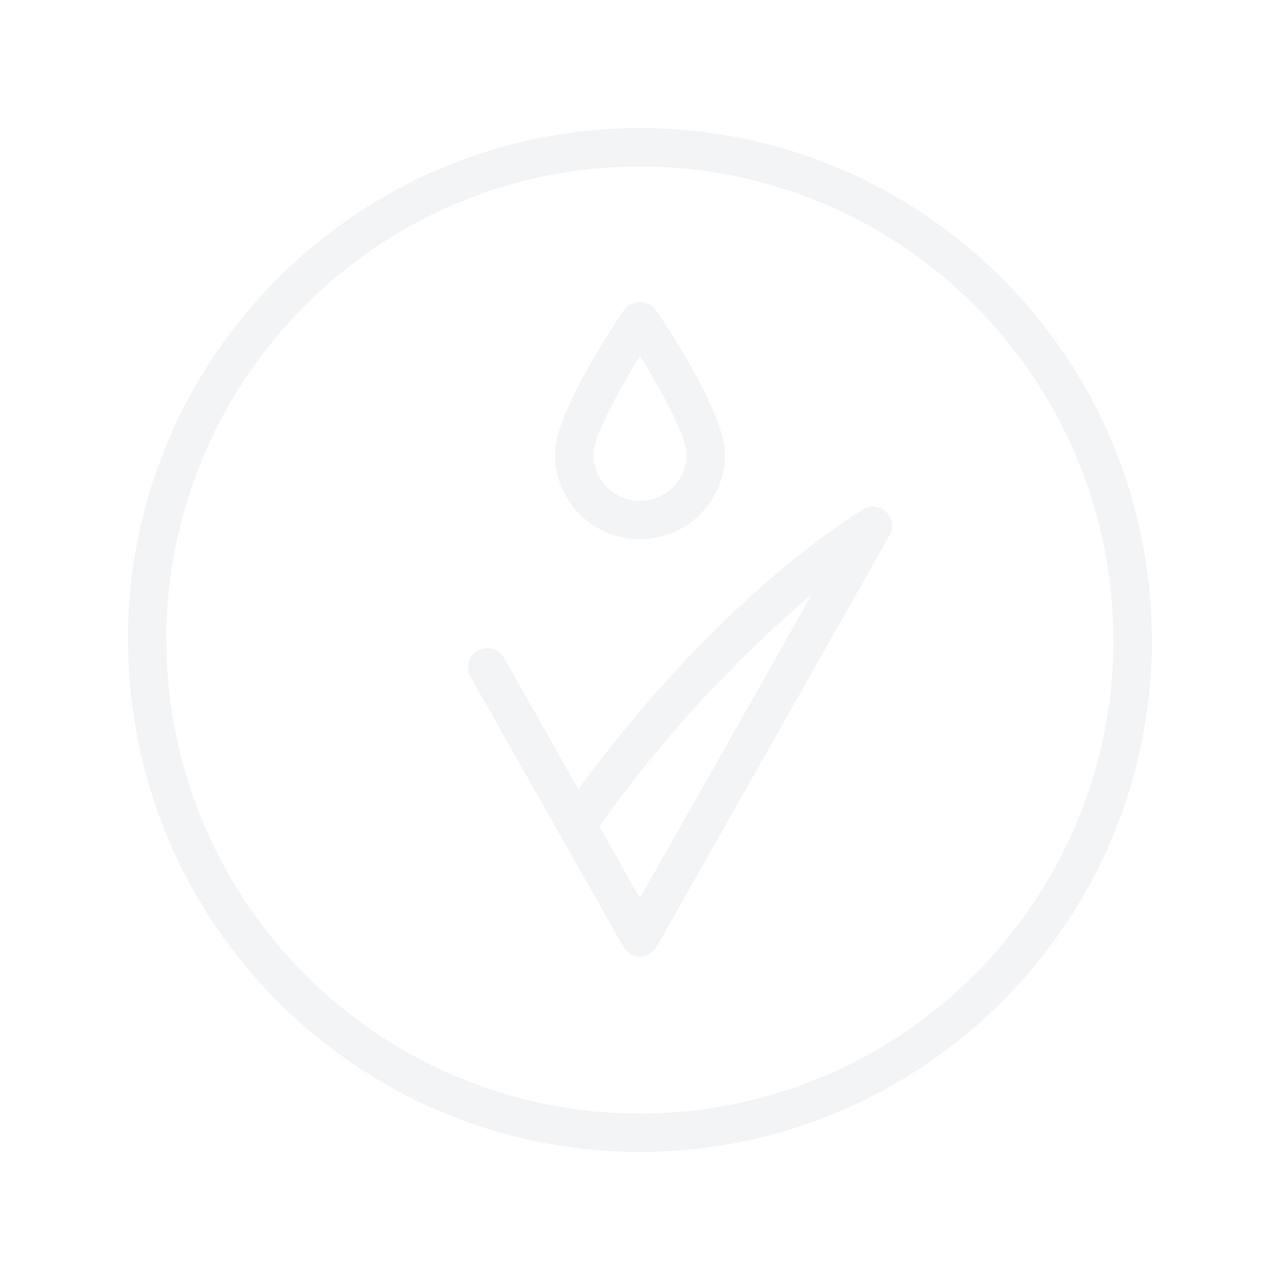 Kalahari Intensive Night Repair Serum 15ml